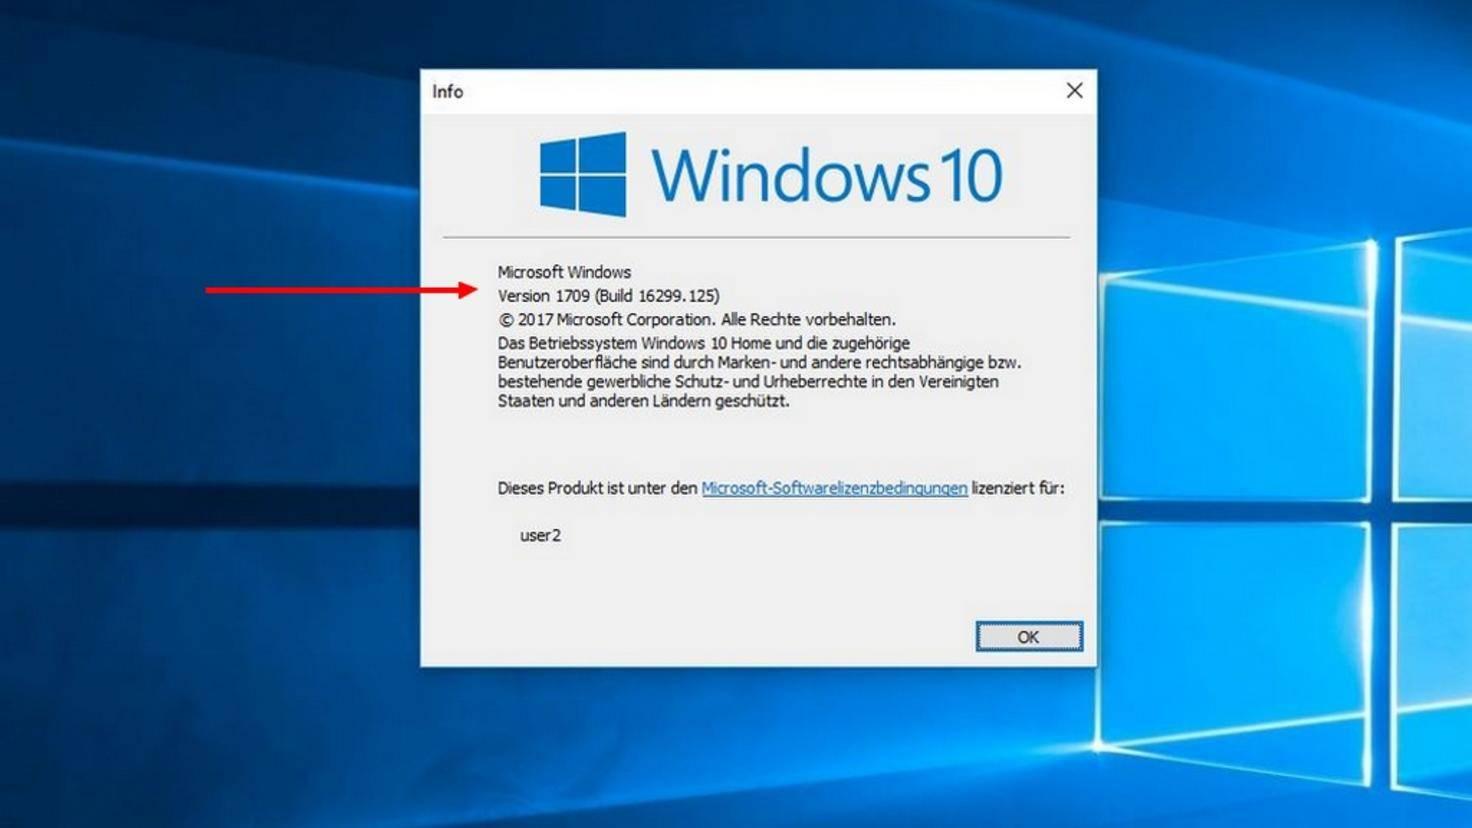 Dort werden Versionsnummer und Build-Nummer von Windows 10 angezeigt.